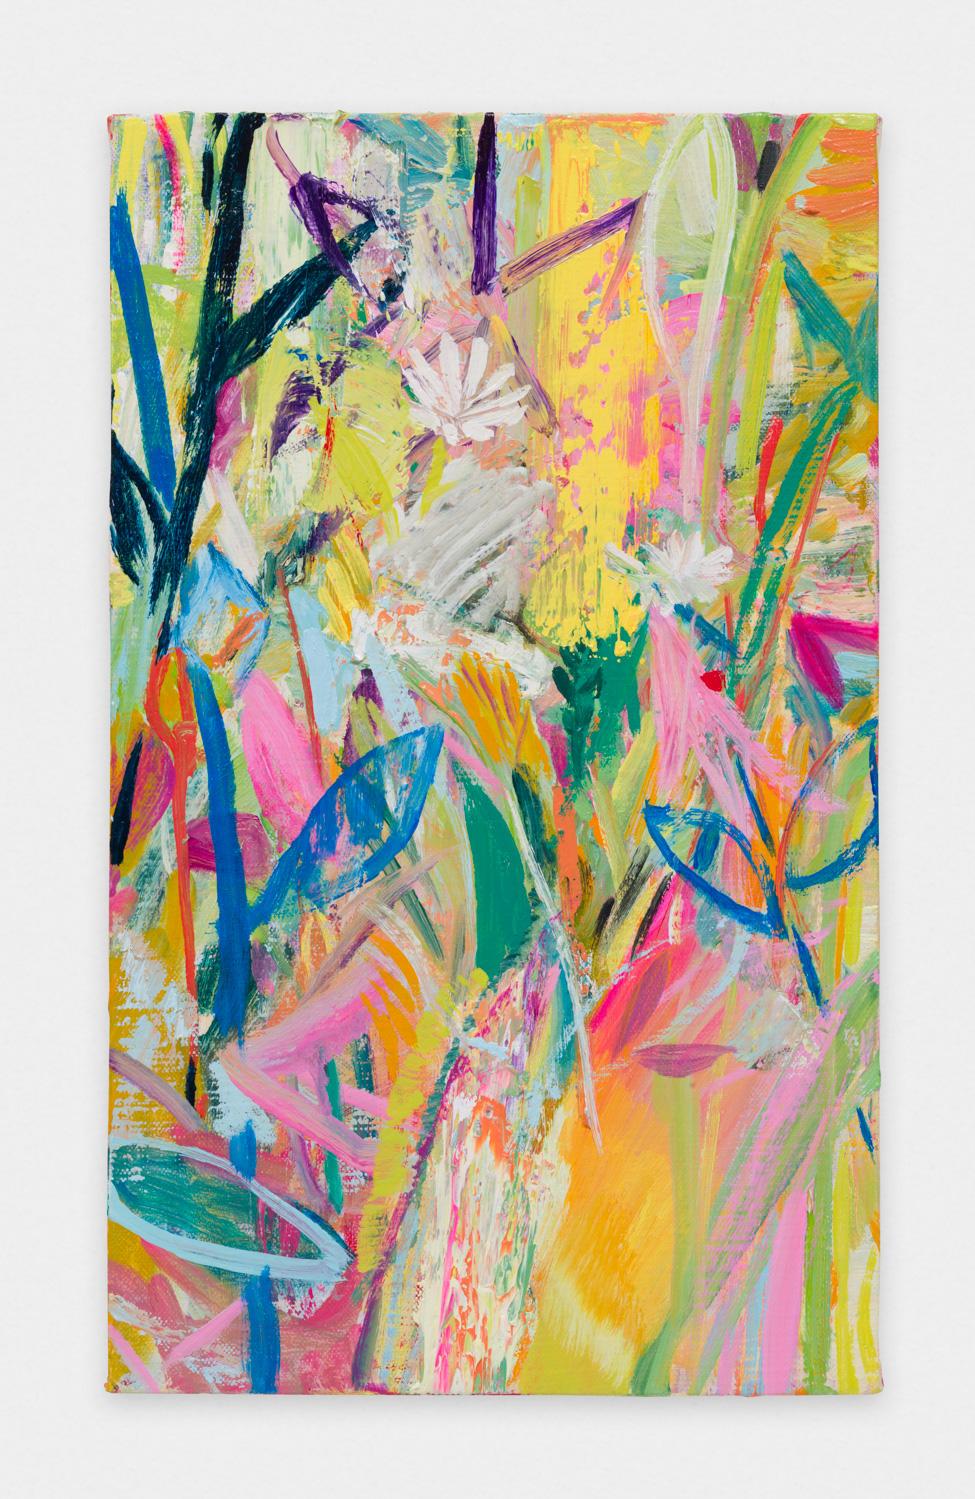 Miki Mochizuka CMYK 2015 - 2016 Oil on canvas 17.91 x 10.75 in (45.49h x 27.31w cm) MikiM009